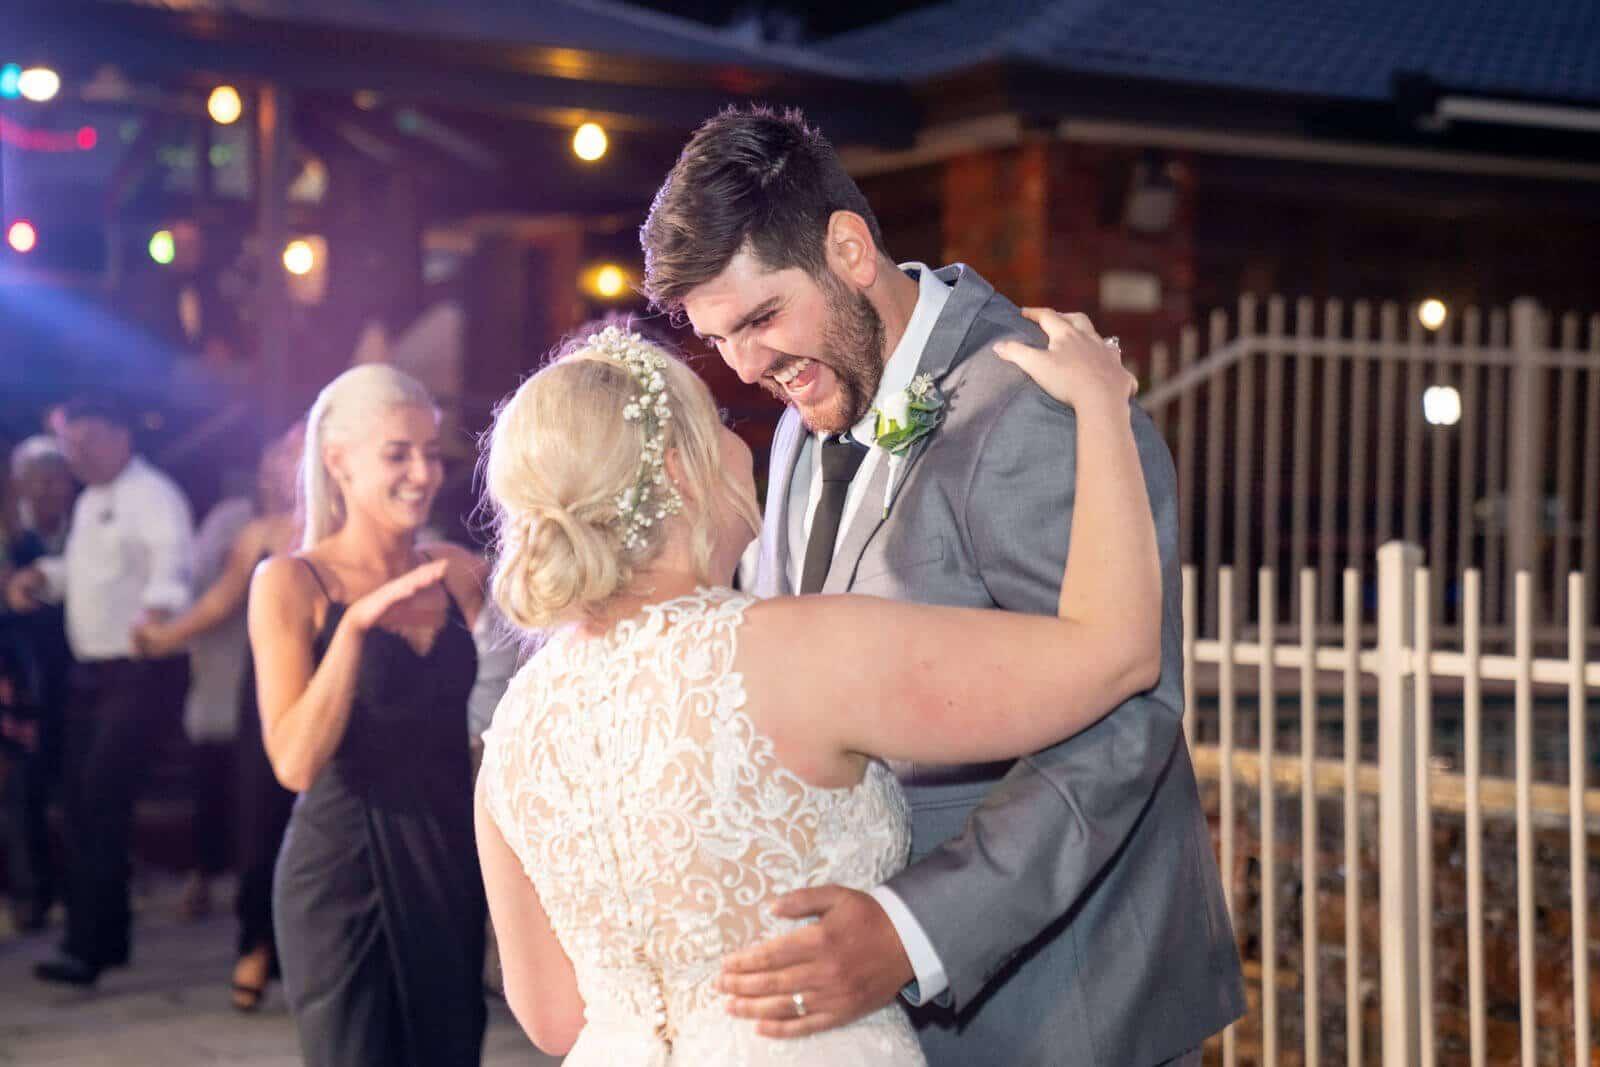 Lilydale Wedding | First Dance